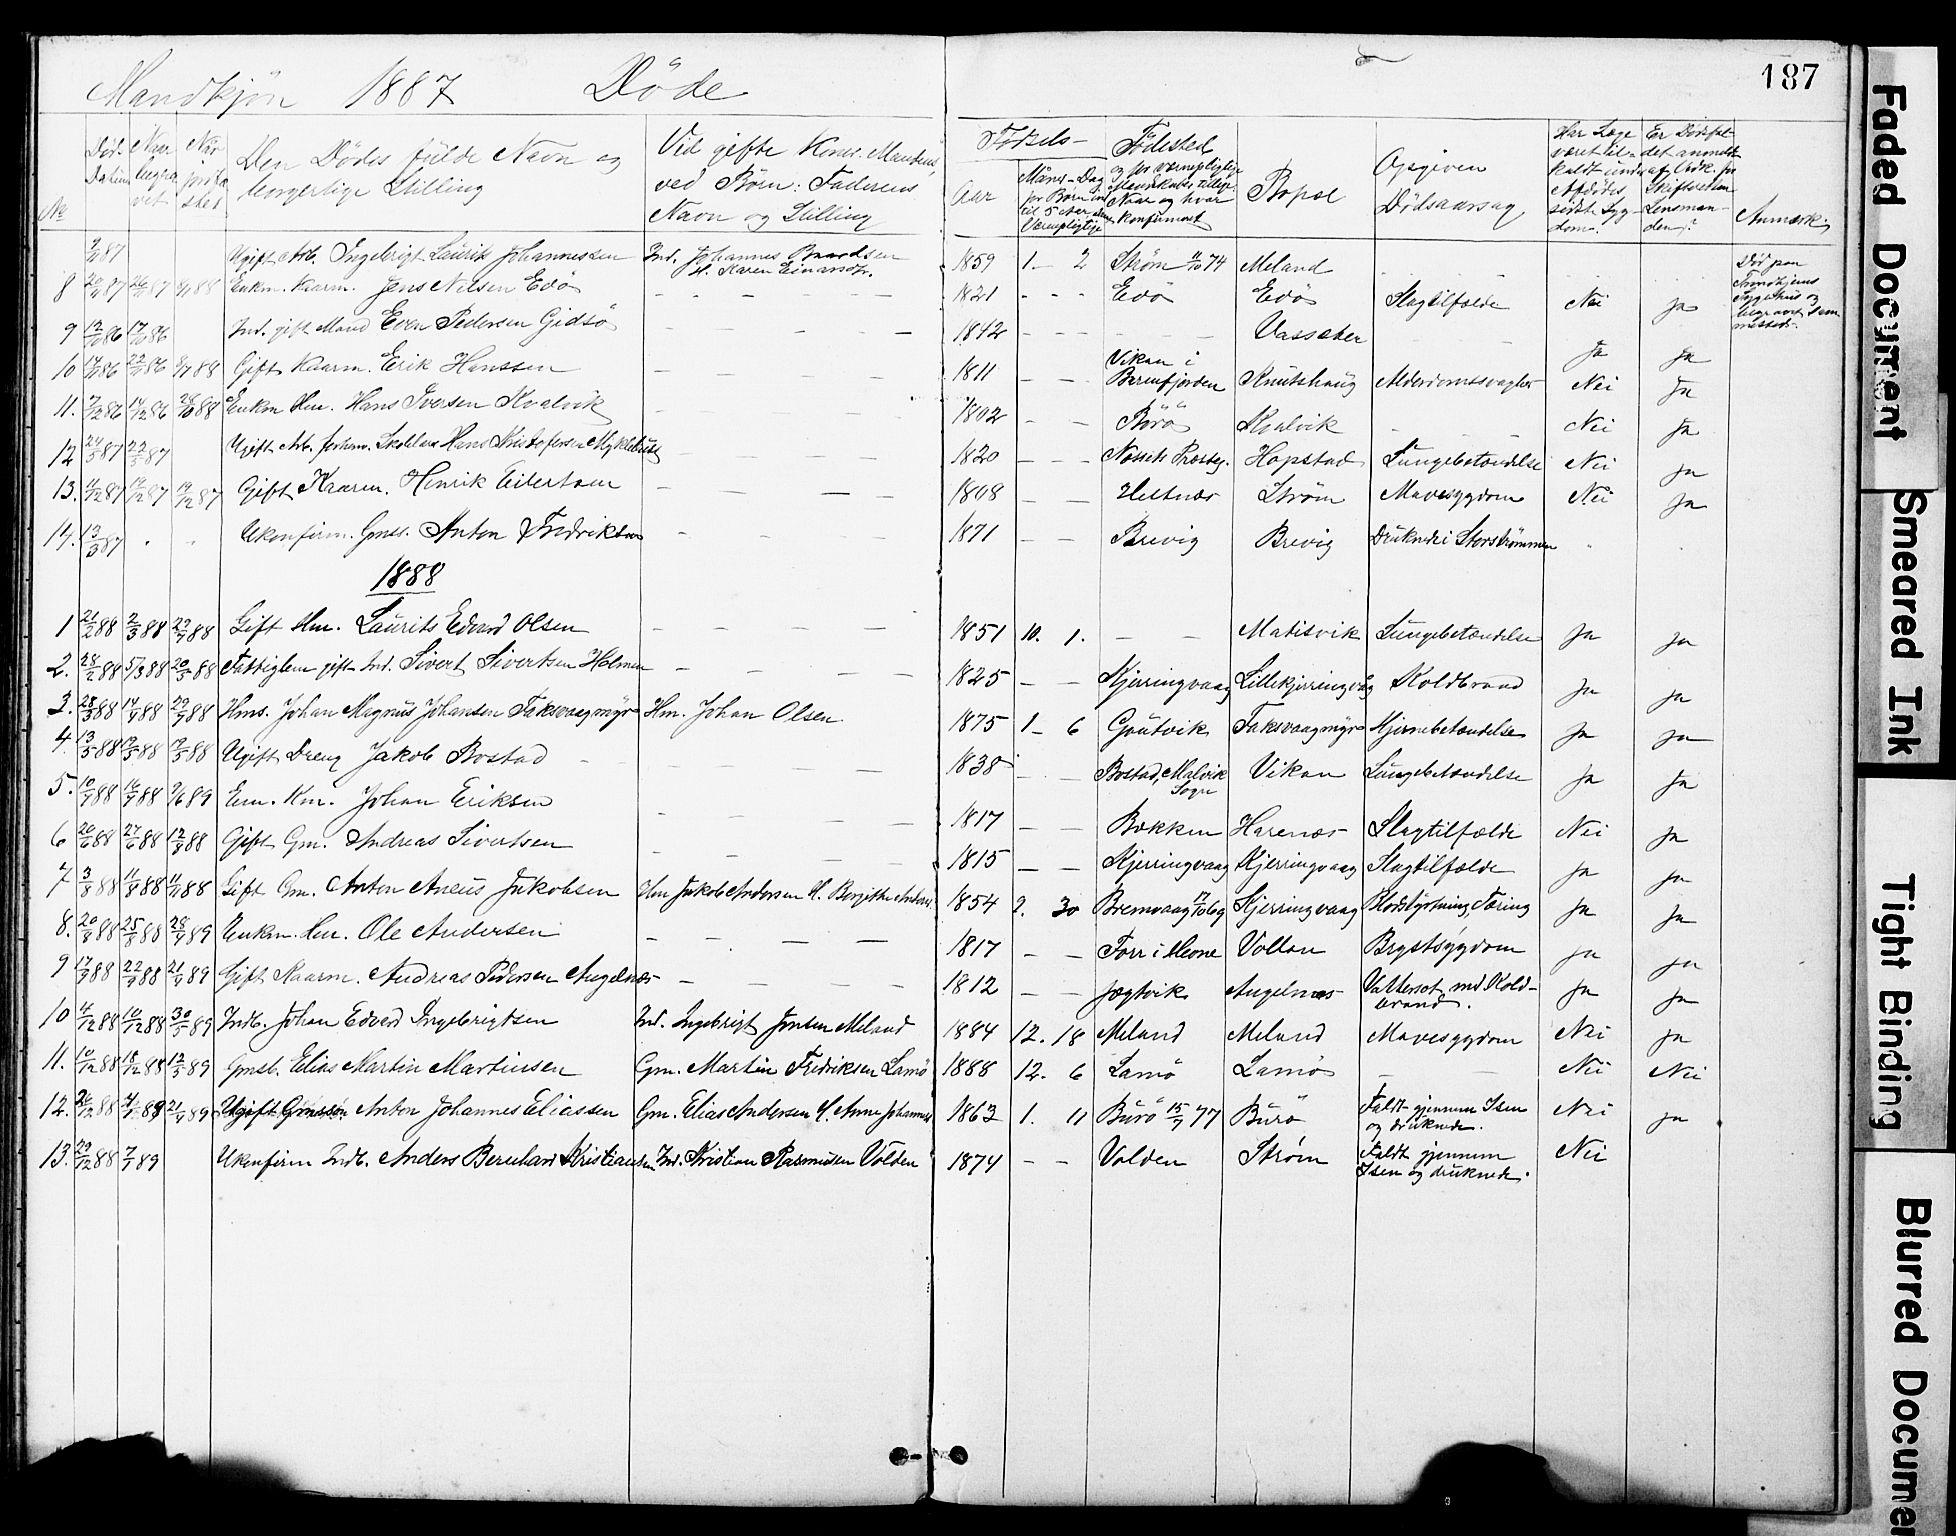 SAT, Ministerialprotokoller, klokkerbøker og fødselsregistre - Sør-Trøndelag, 634/L0541: Klokkerbok nr. 634C03, 1874-1891, s. 187